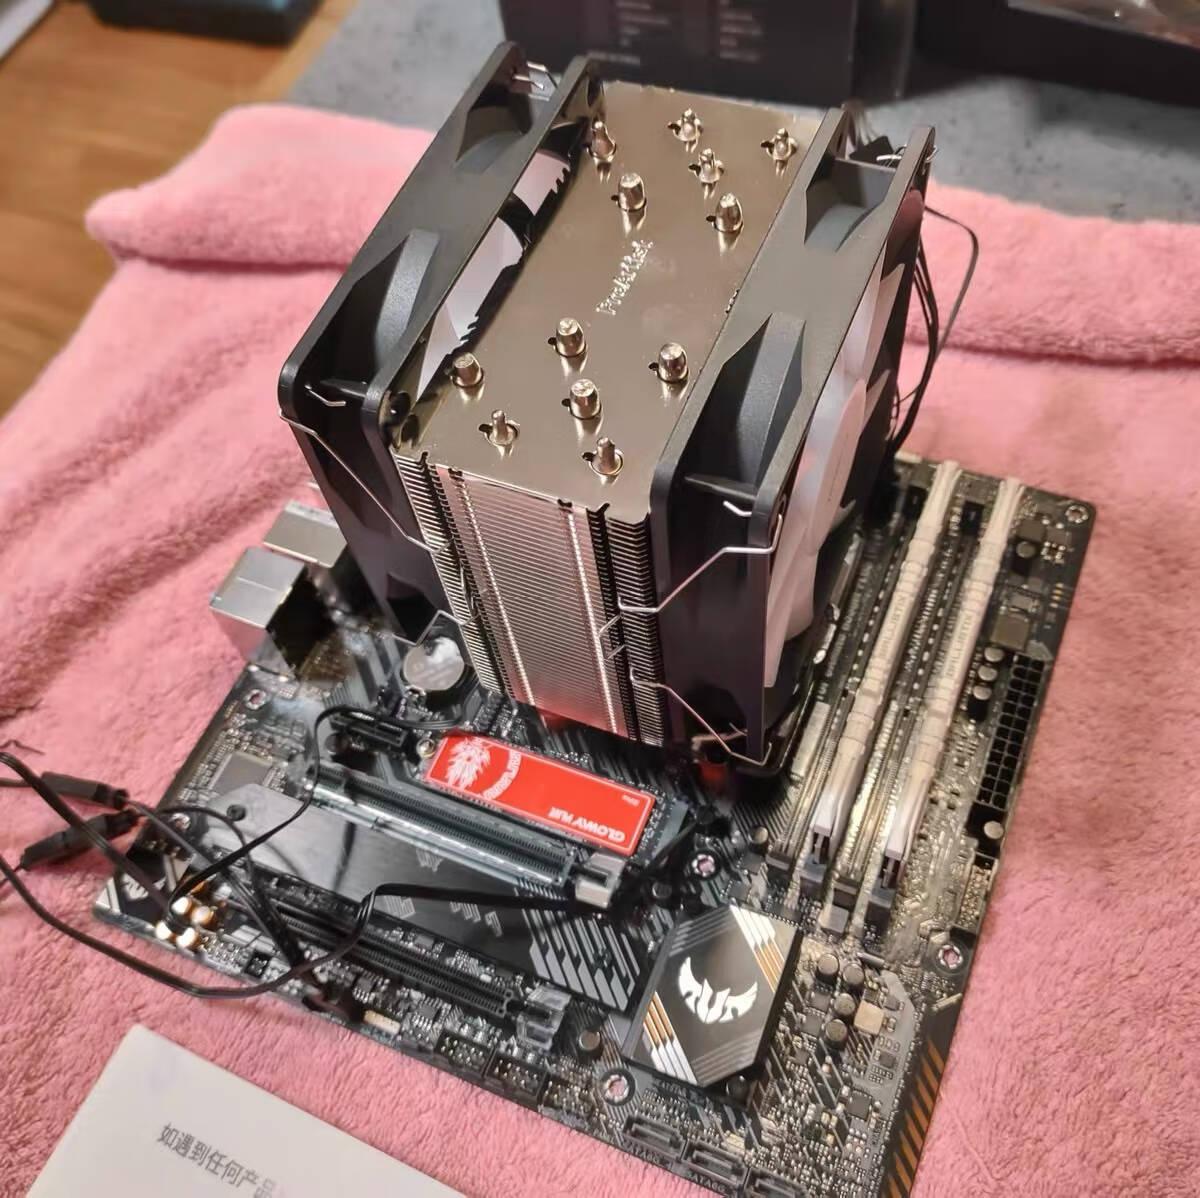 AMD锐龙R5/R73500X3600X5600X5800X搭华硕B450B550主板CPU套装华硕TUFB450M-PROS重炮手单主板(不包含CPU)